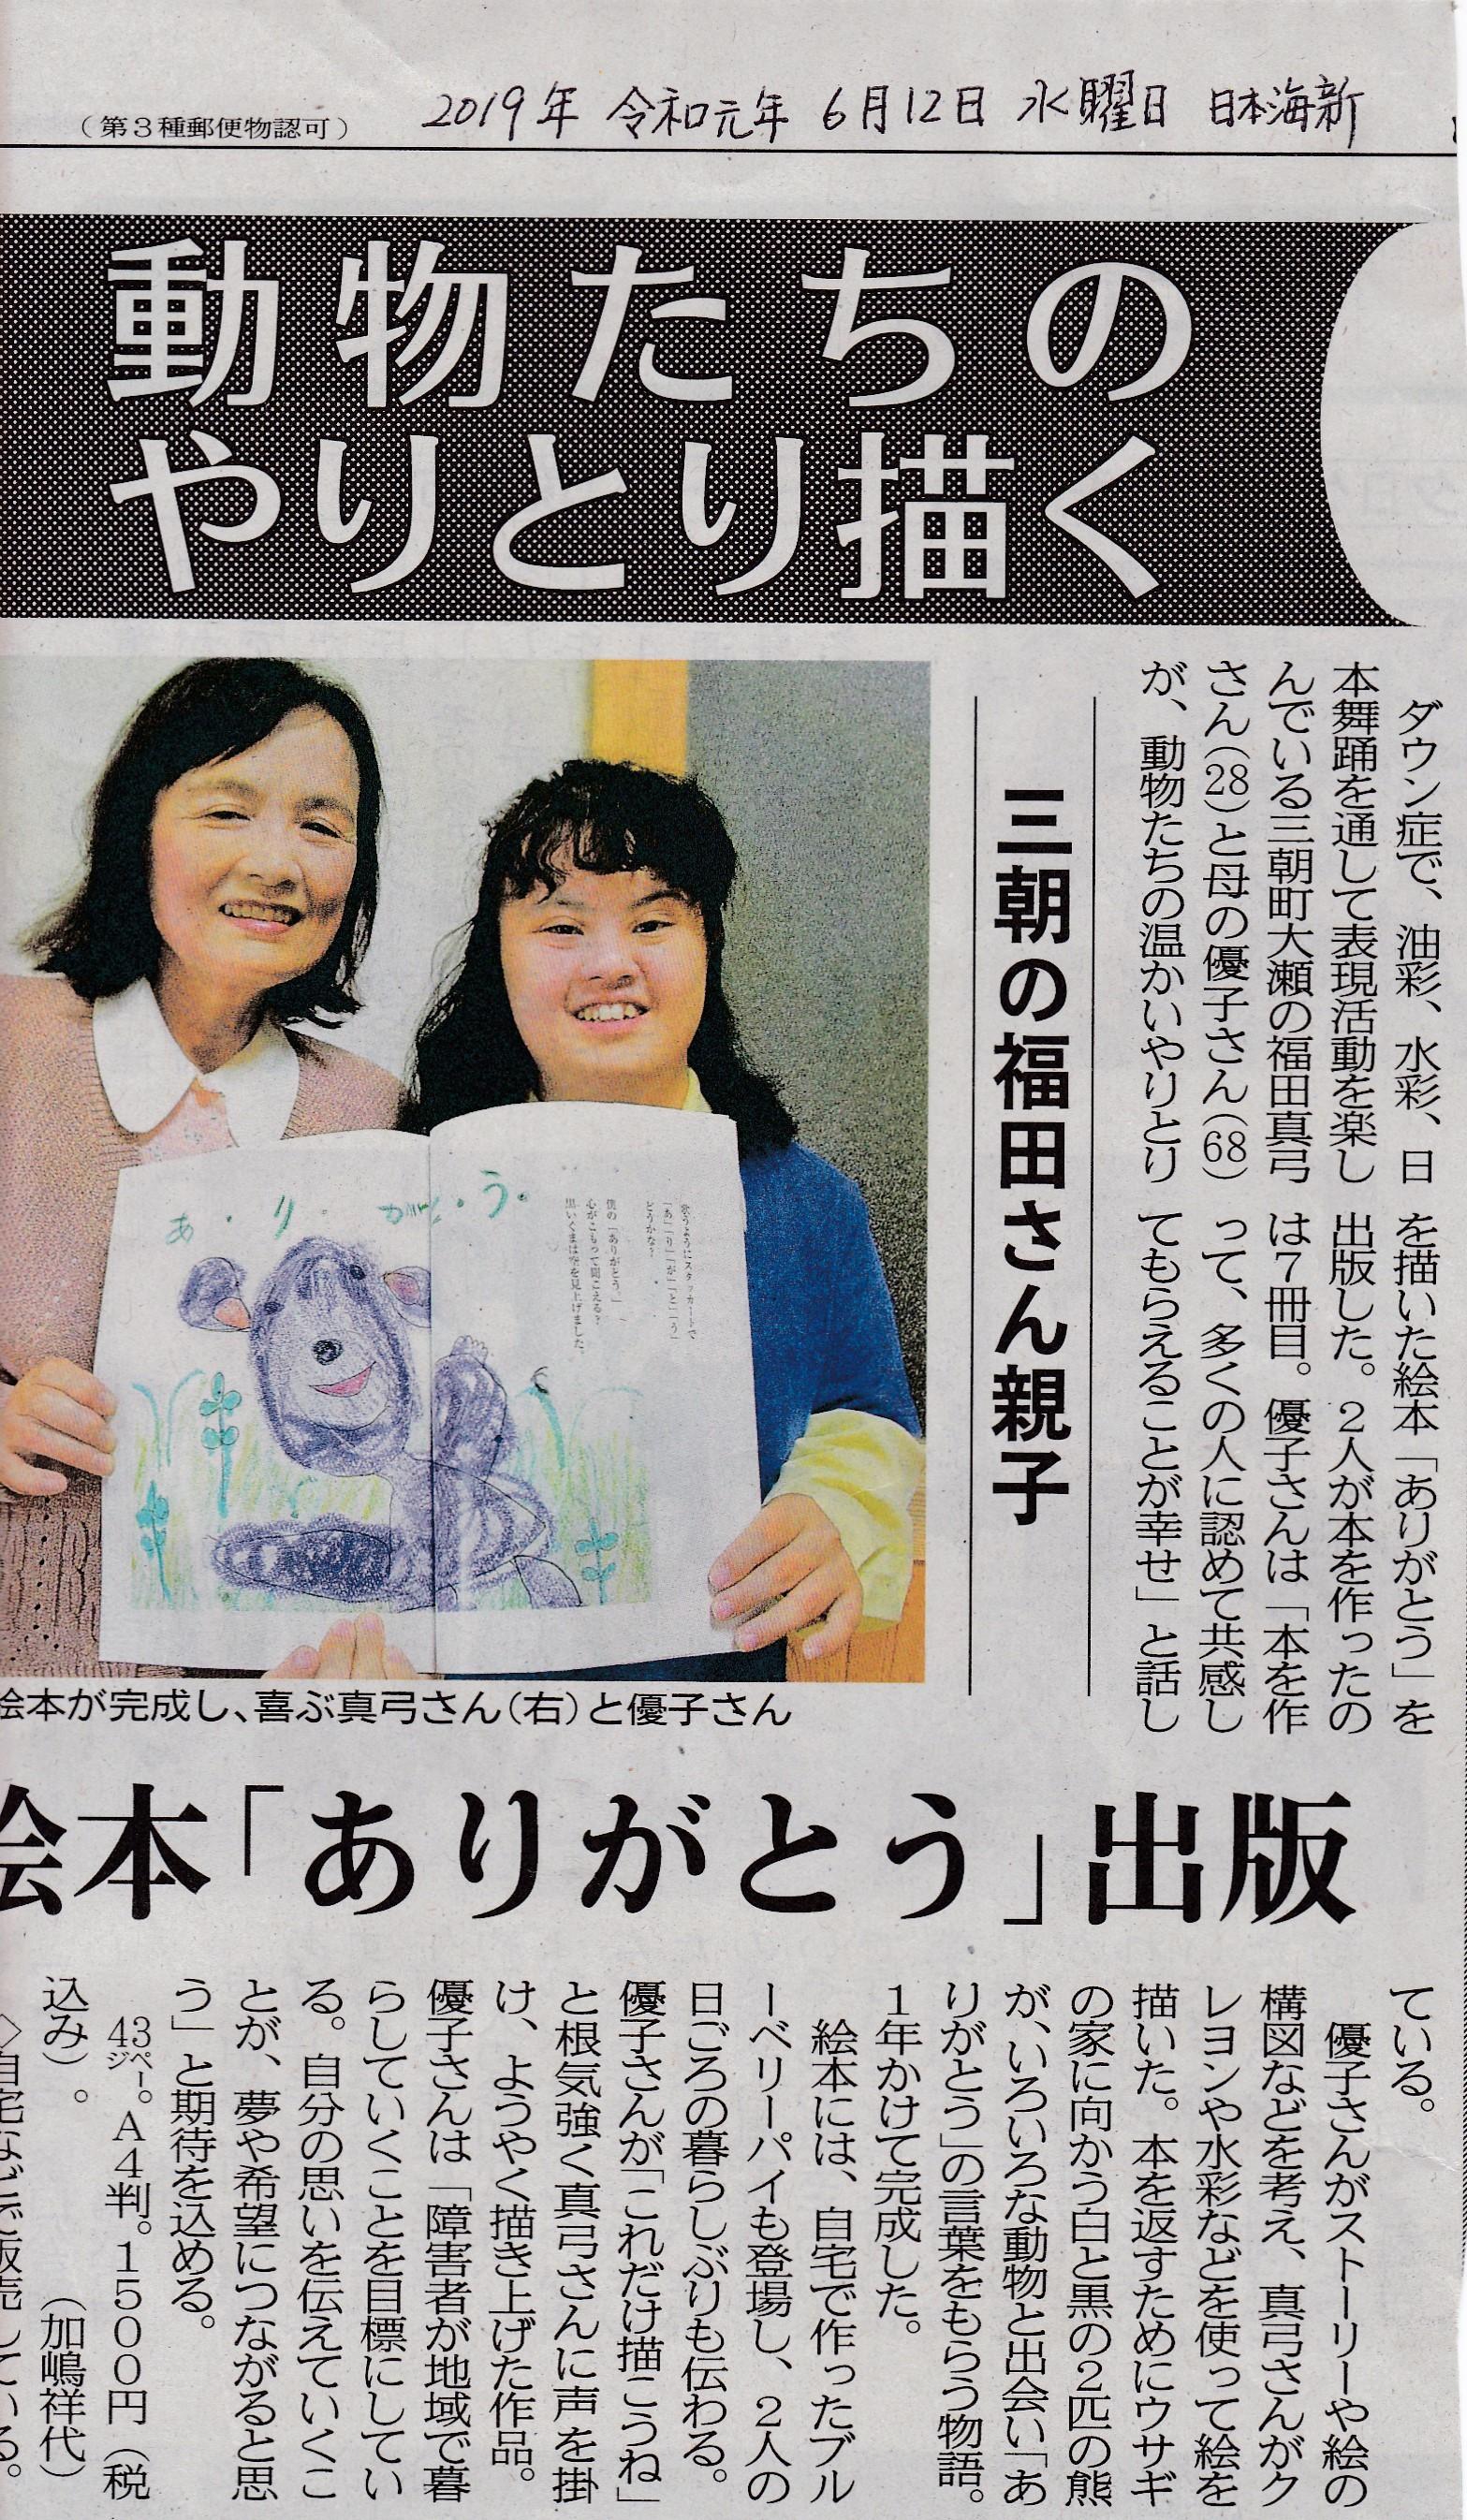 「ありがとう」の記事を日本海新聞に載せていただきました。